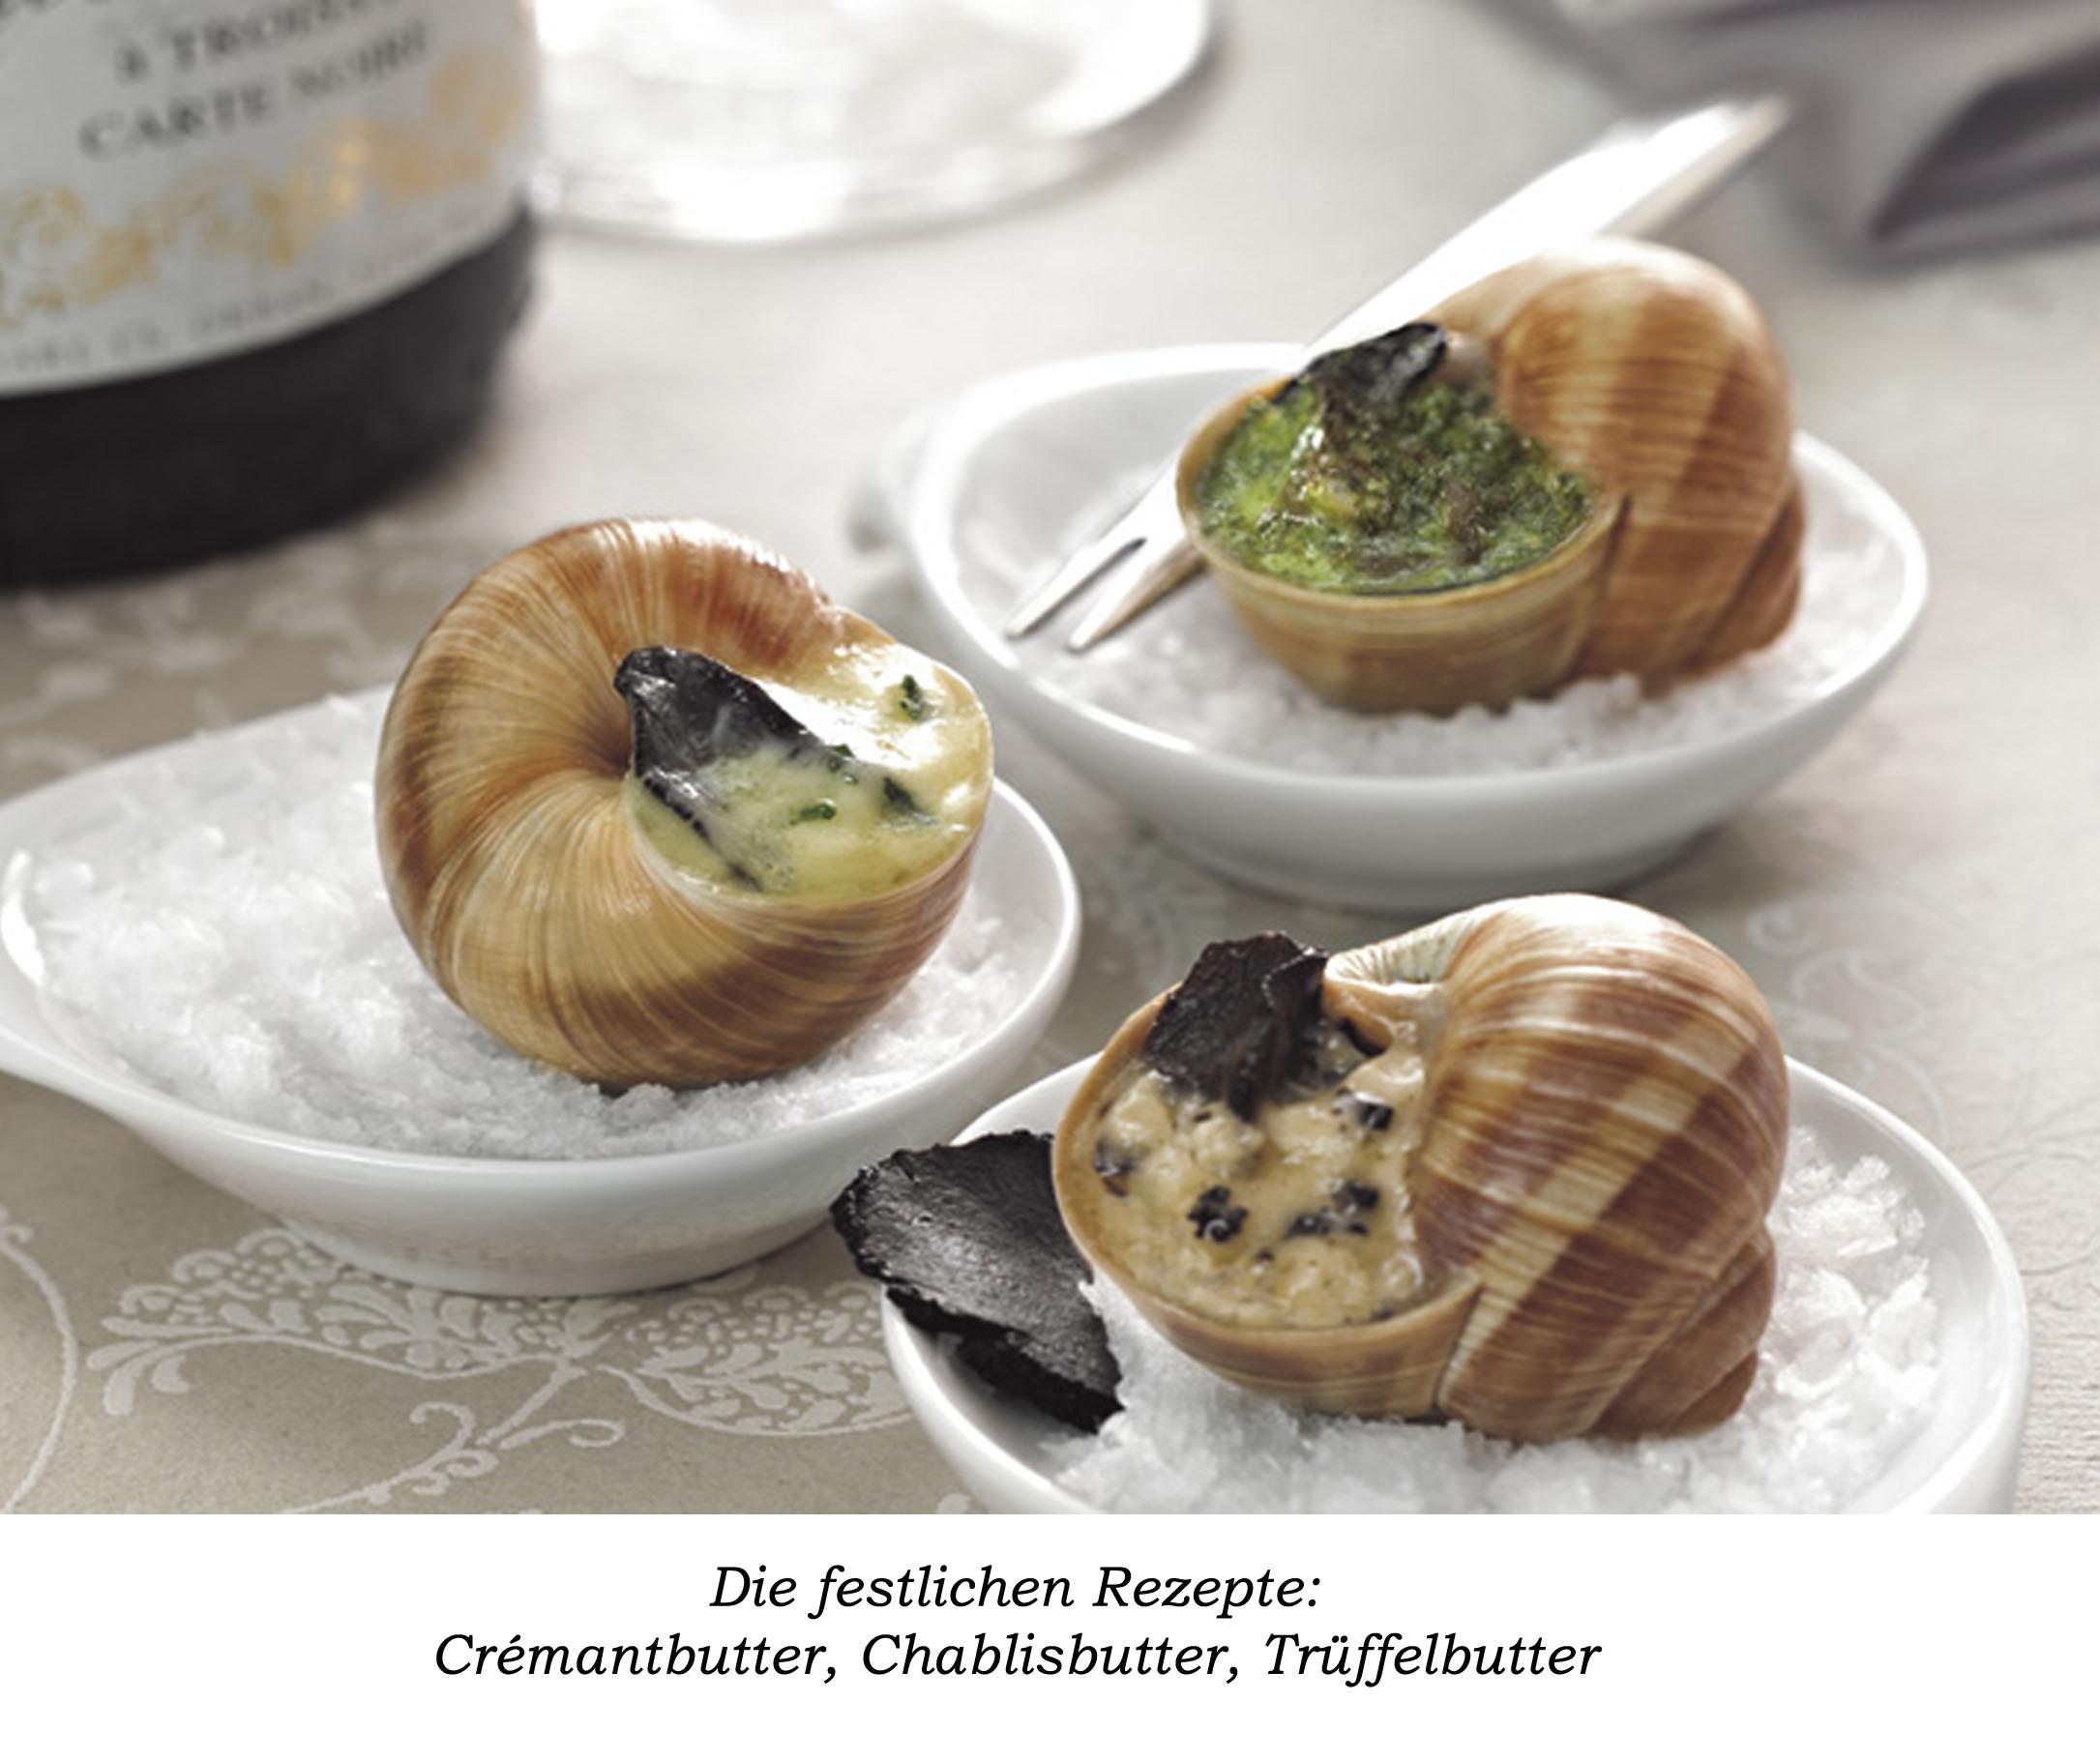 Drei kleine runde Teller mit jeweils einer Schnecke gefüllt mit Trüffelbutter, Chablisbutter und Crémantbutter